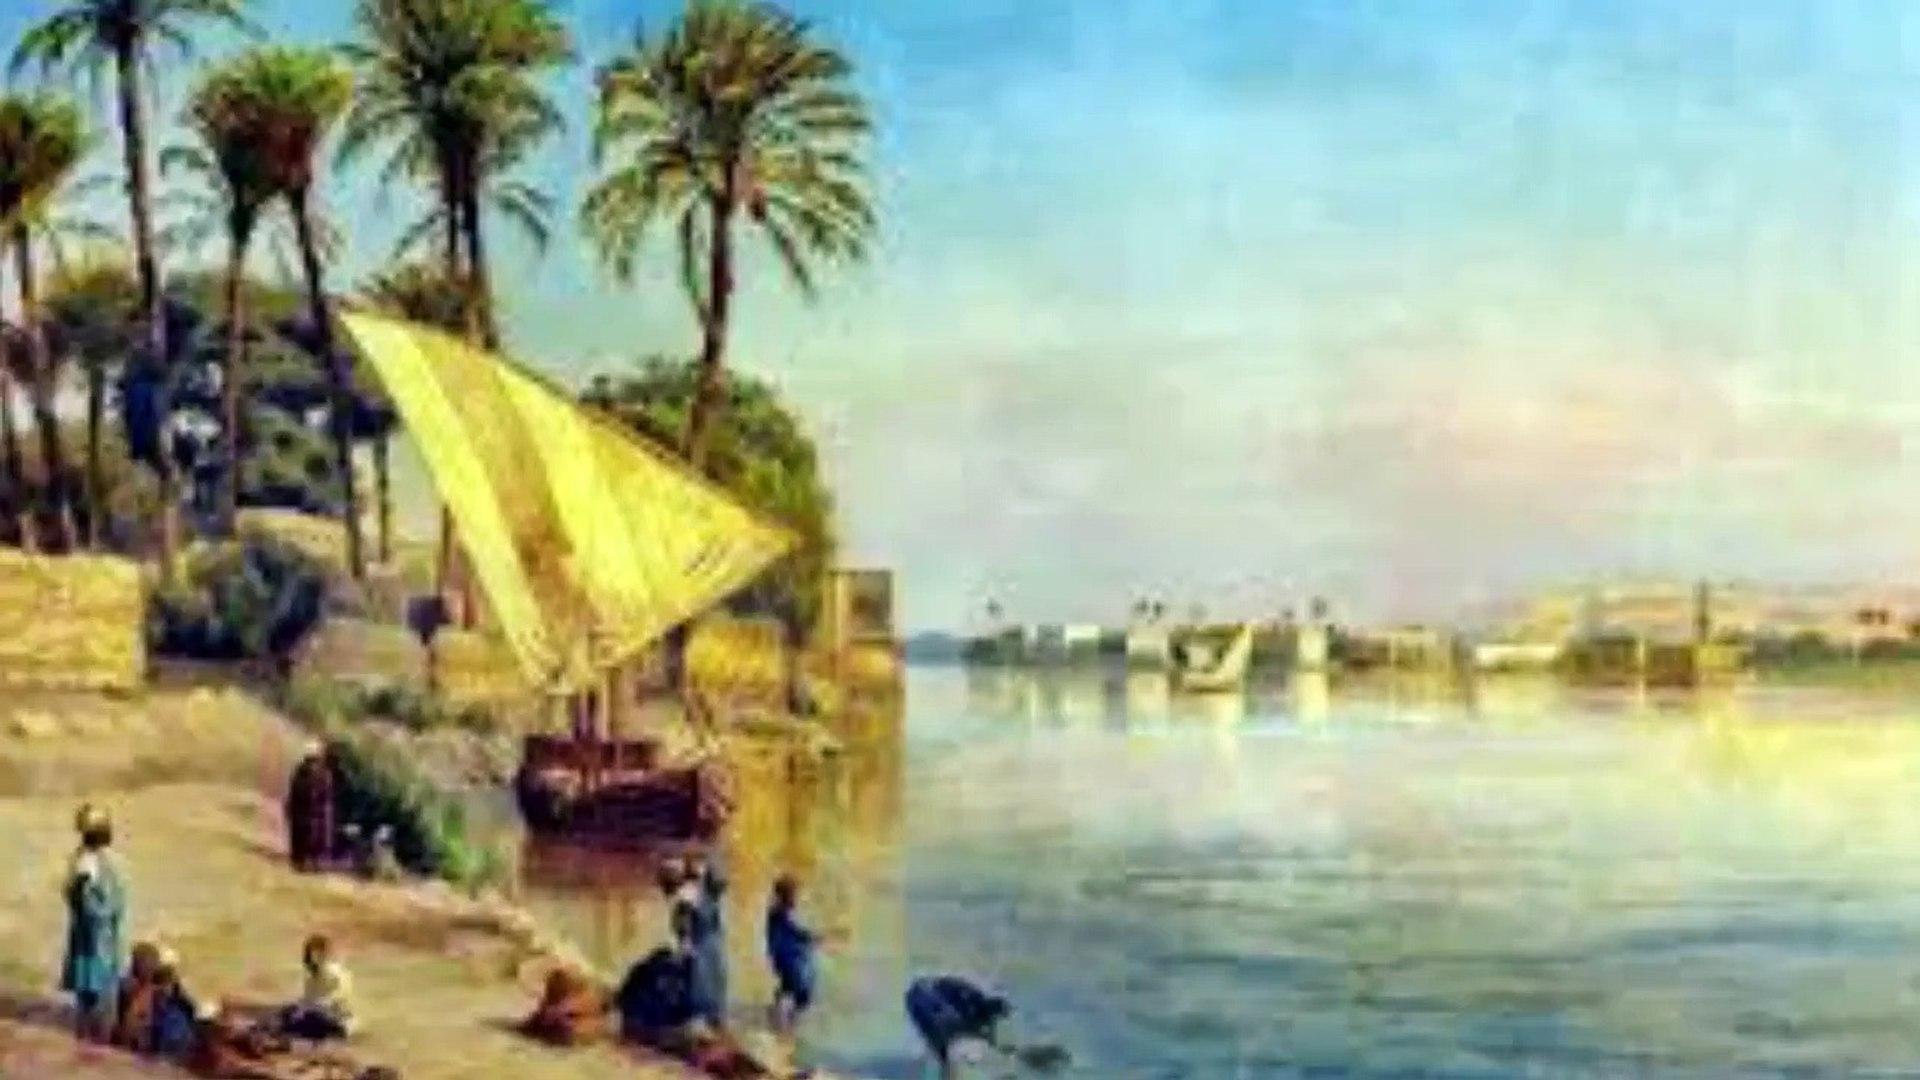 (الشدة المستنصرية .. عندما تحول المصريين الى زومبي  (قصة حقيقية